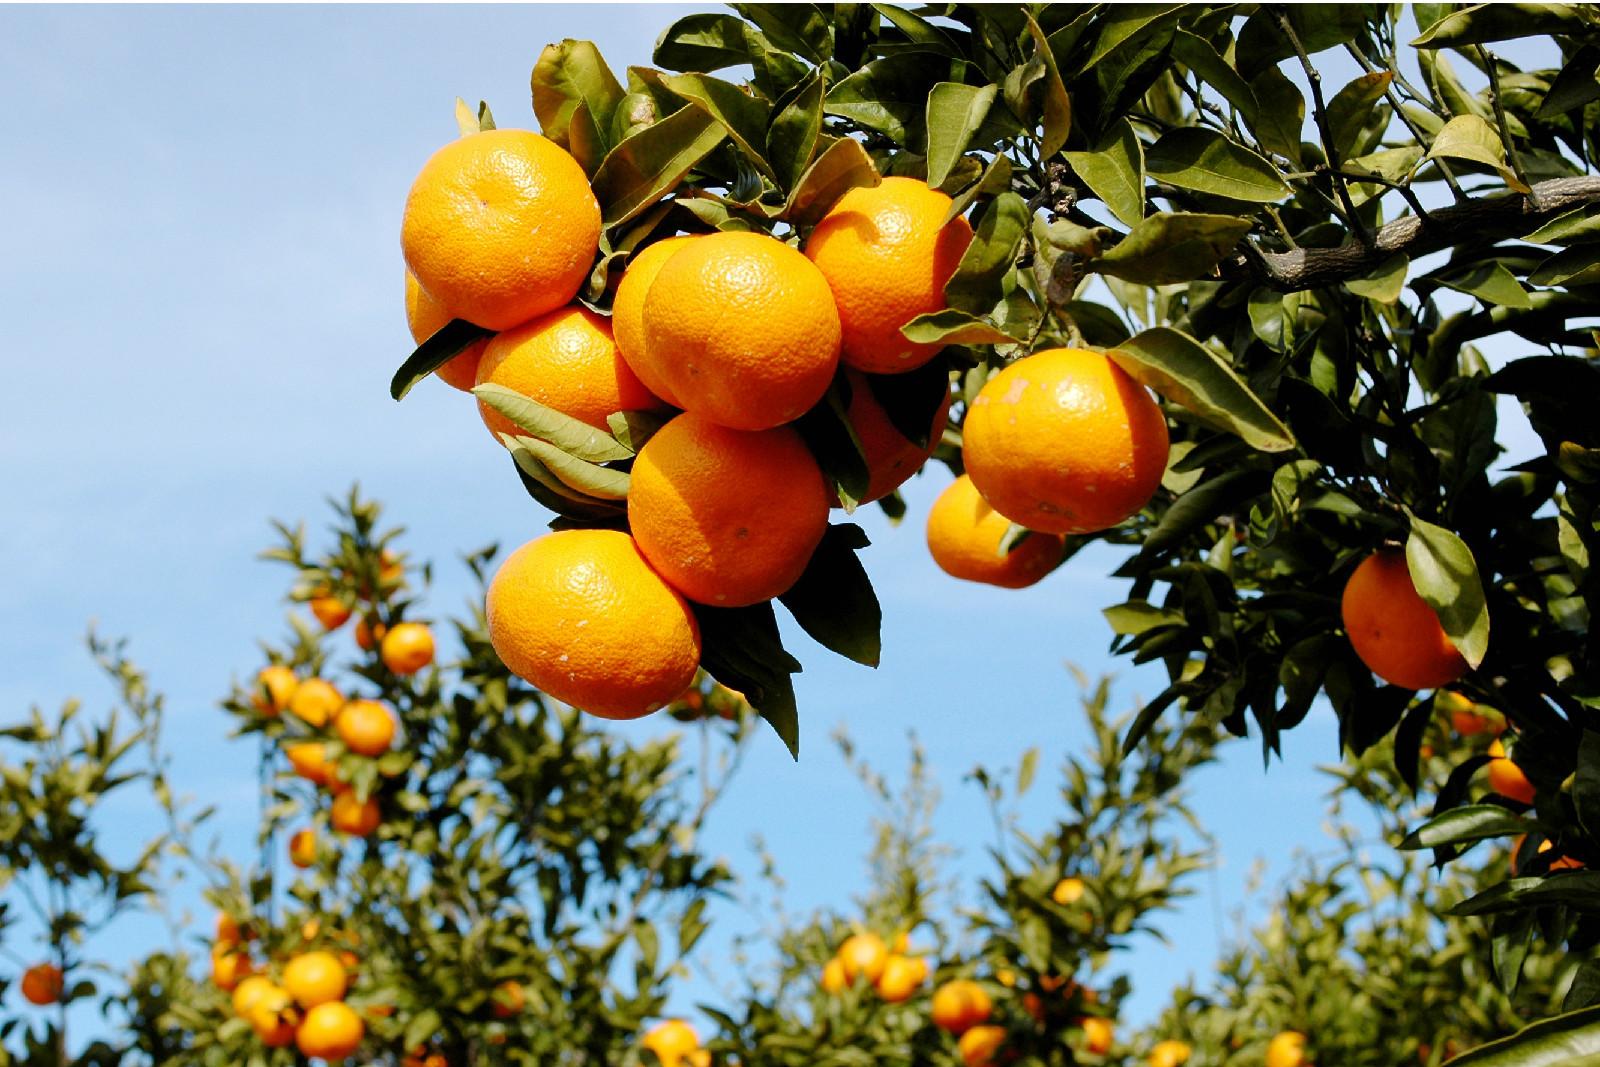 柑桔最新信息:蜜桔价格上涨,卖家抬价行情回暖